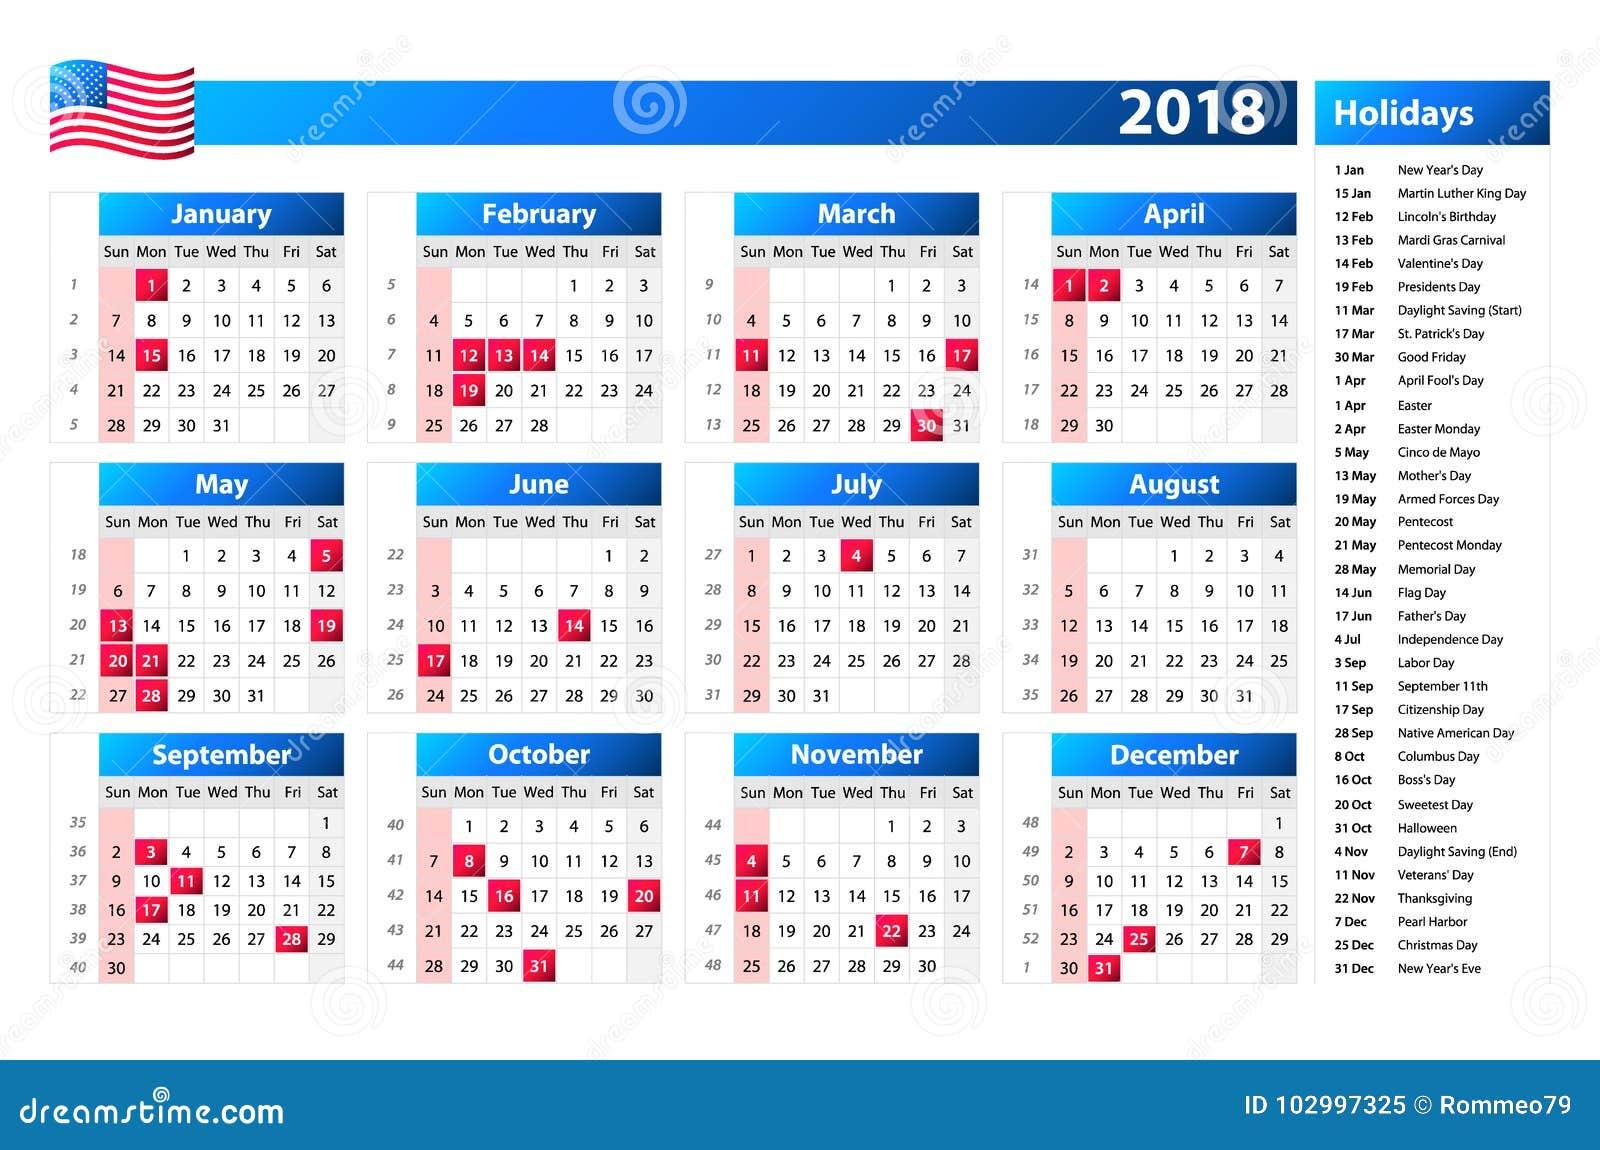 Calendario Feste.Calendario 2018 Di U S A Le Feste Ufficiali Ed I Giorni